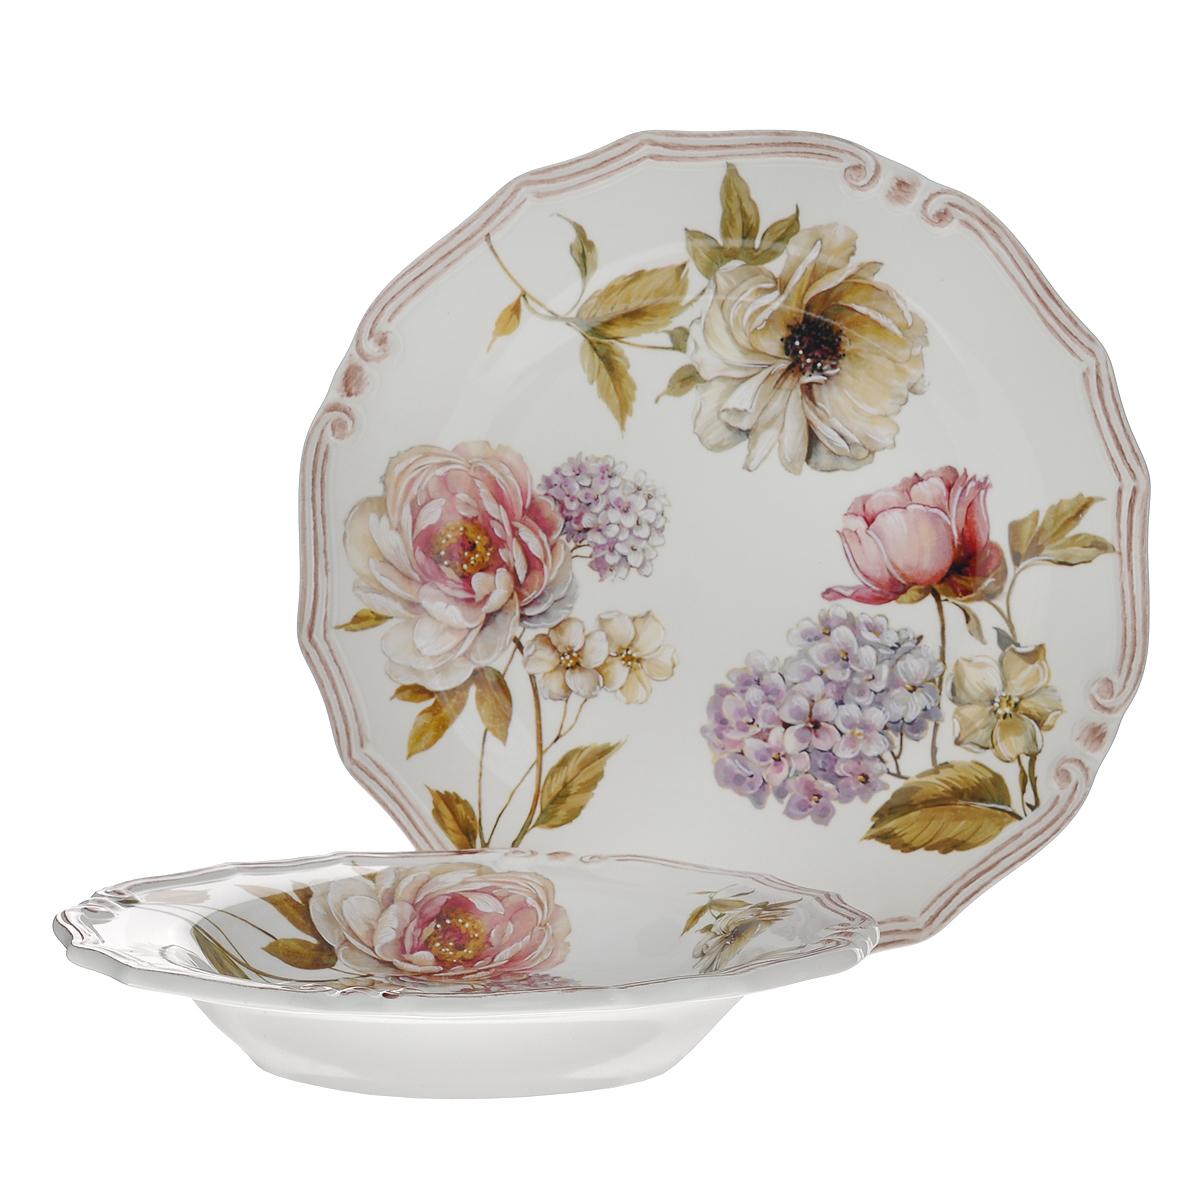 Набор тарелок LCS Сады Флоренции, 2 шт. LCS053-BO-AL115510Набор LCS Сады Флоренции состоит из суповой тарелки и обеденной тарелки. Предметы набора выполнены из высококачественной керамики и оформлены нежным цветочным рисунком. Красочность оформления придется по вкусу и ценителям классики, и тем, кто предпочитает утонченность и изящность. Сервировка стола таким набором станет великолепным украшением любого торжества. Характеристики:Материал: керамика. Диаметр суповой тарелки: 24 см. Высота суповой тарелки: 4 см. Диаметр обеденной тарелки: 26 см. LCS - молодая, динамично развивающаяся итальянская компания из Флоренции,производящая разнообразную керамическую посуду и изделия для украшения интерьера. В своих дизайнах LCS использует как классические, так и современные тенденции.Высокий стандарт изделий обеспечивается за счет соединения высоко технологичногопроизводства и использования ручной работы профессиональных дизайнеров ихудожников, работающих на фабрике.